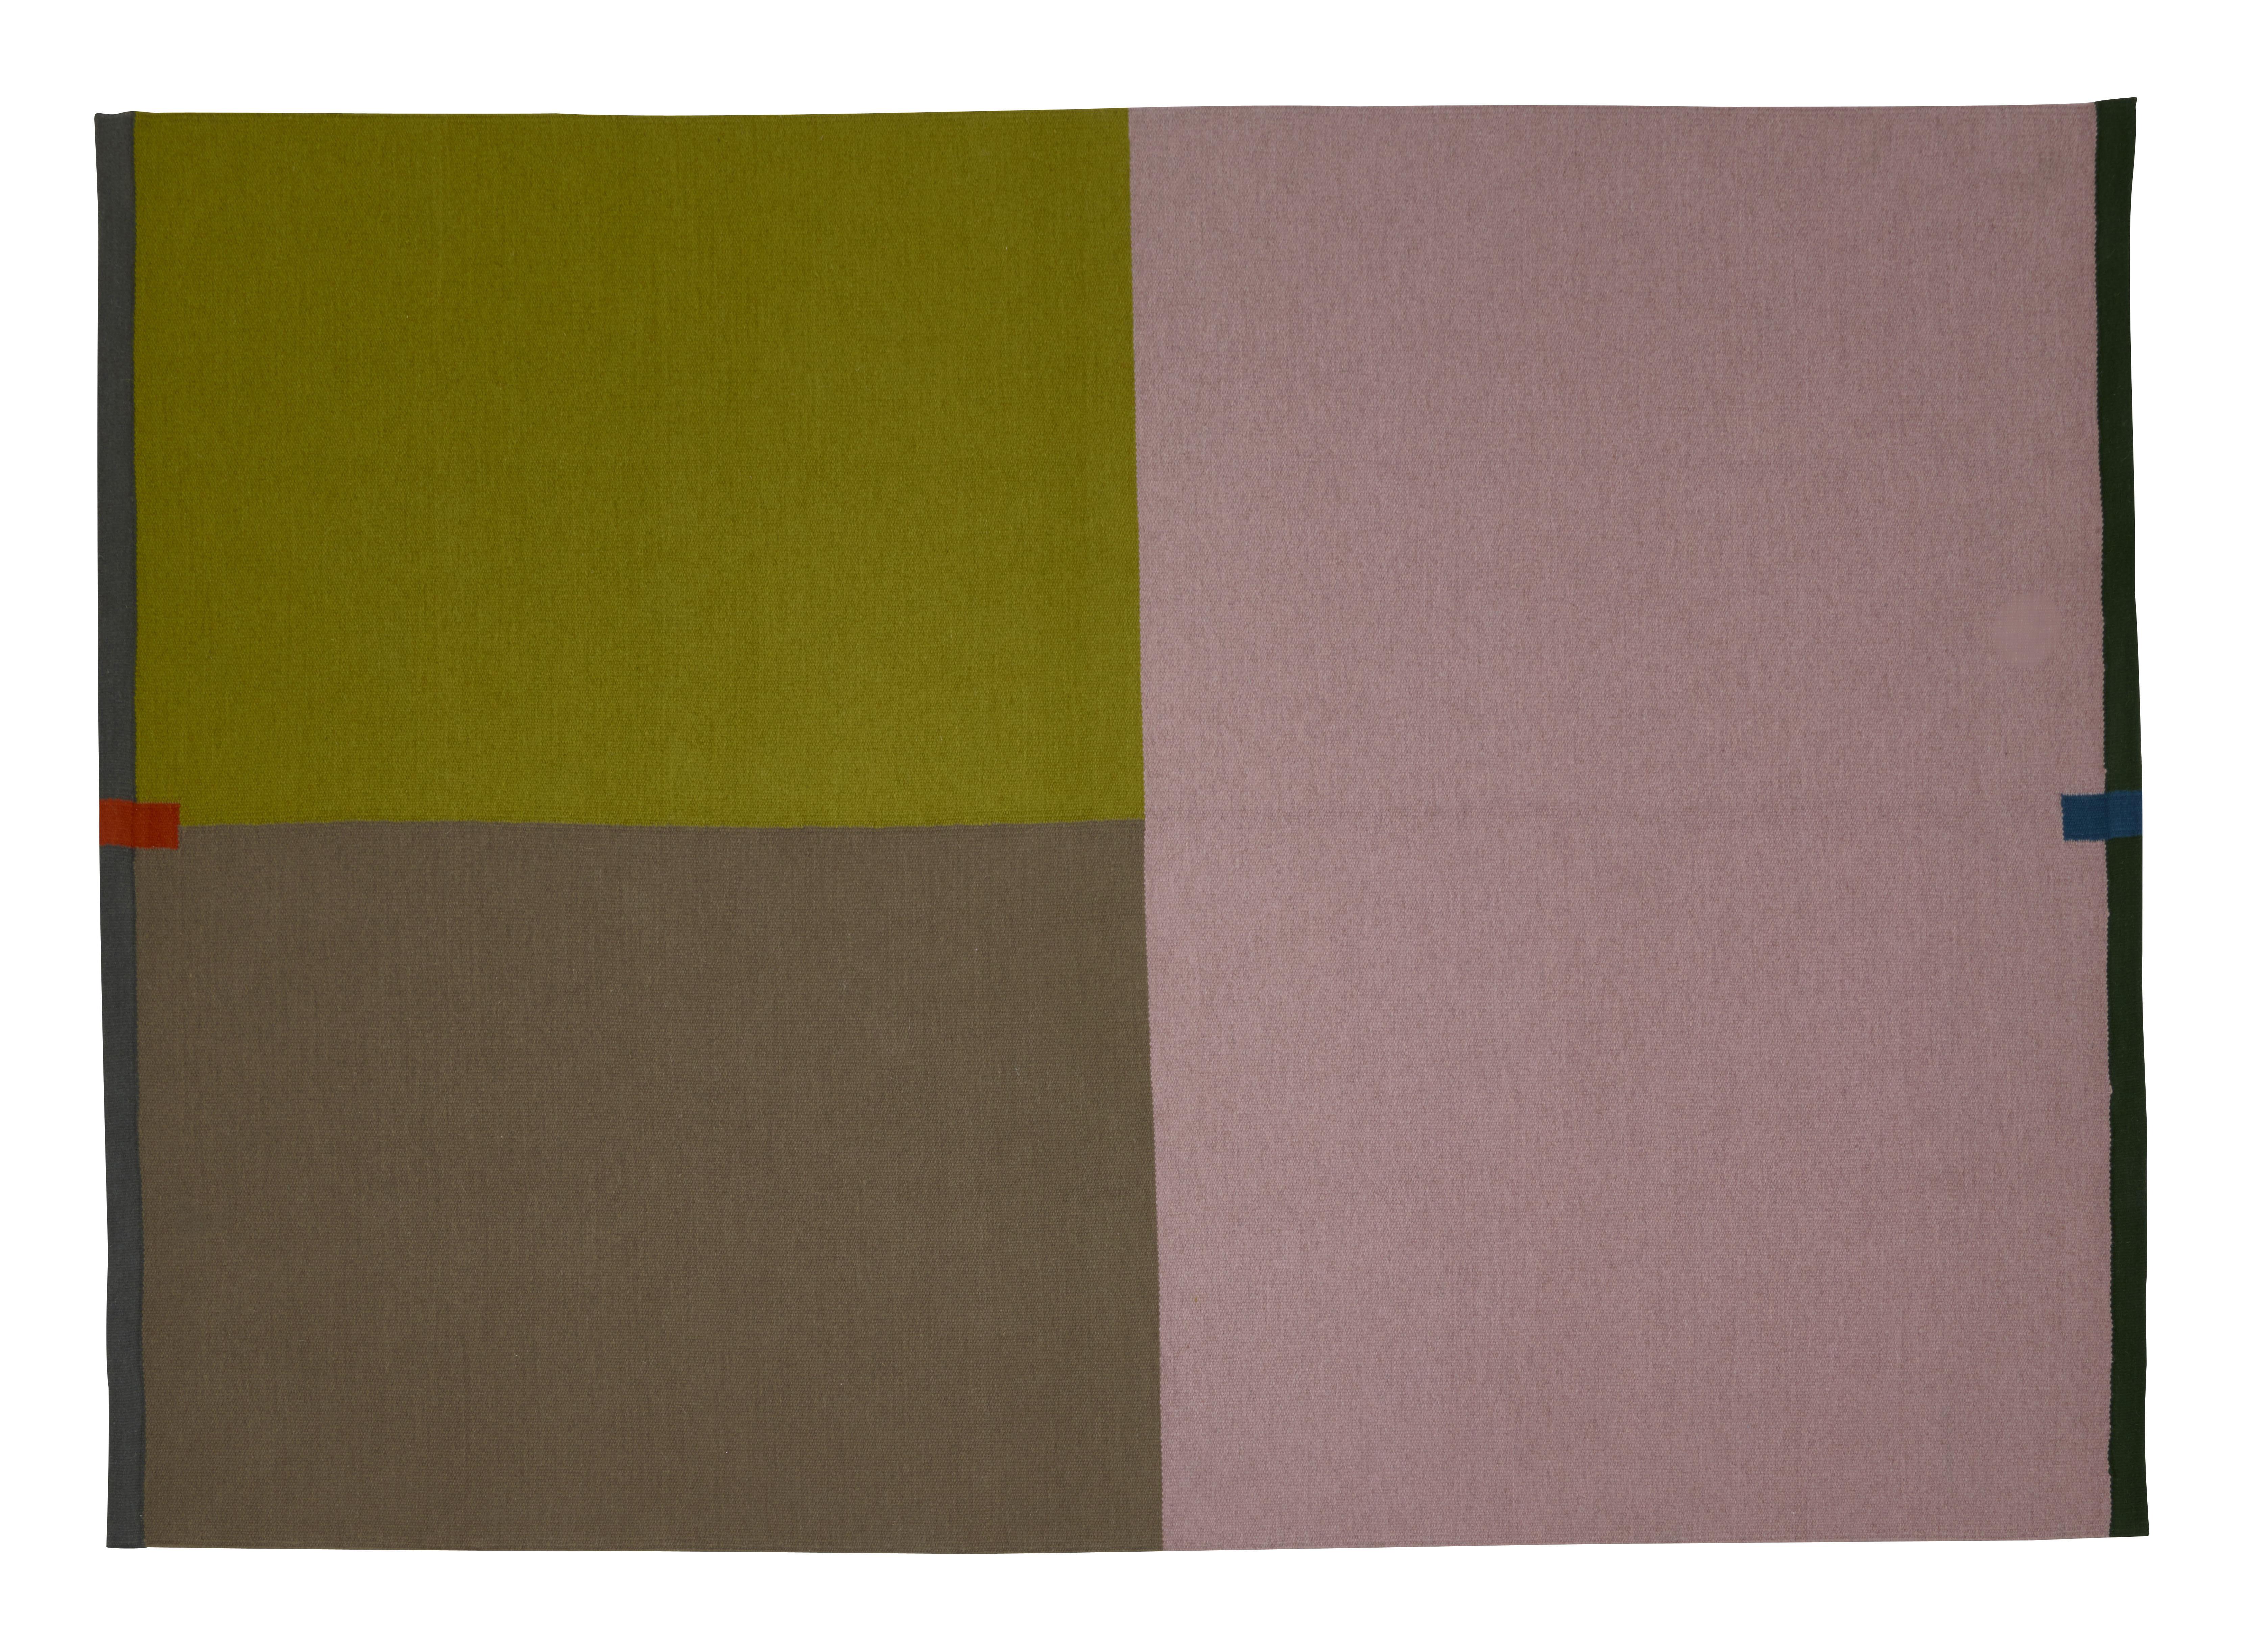 ligne roset teppich amazing fisheye rug ligne roset szukaj w google with ligne roset teppich. Black Bedroom Furniture Sets. Home Design Ideas